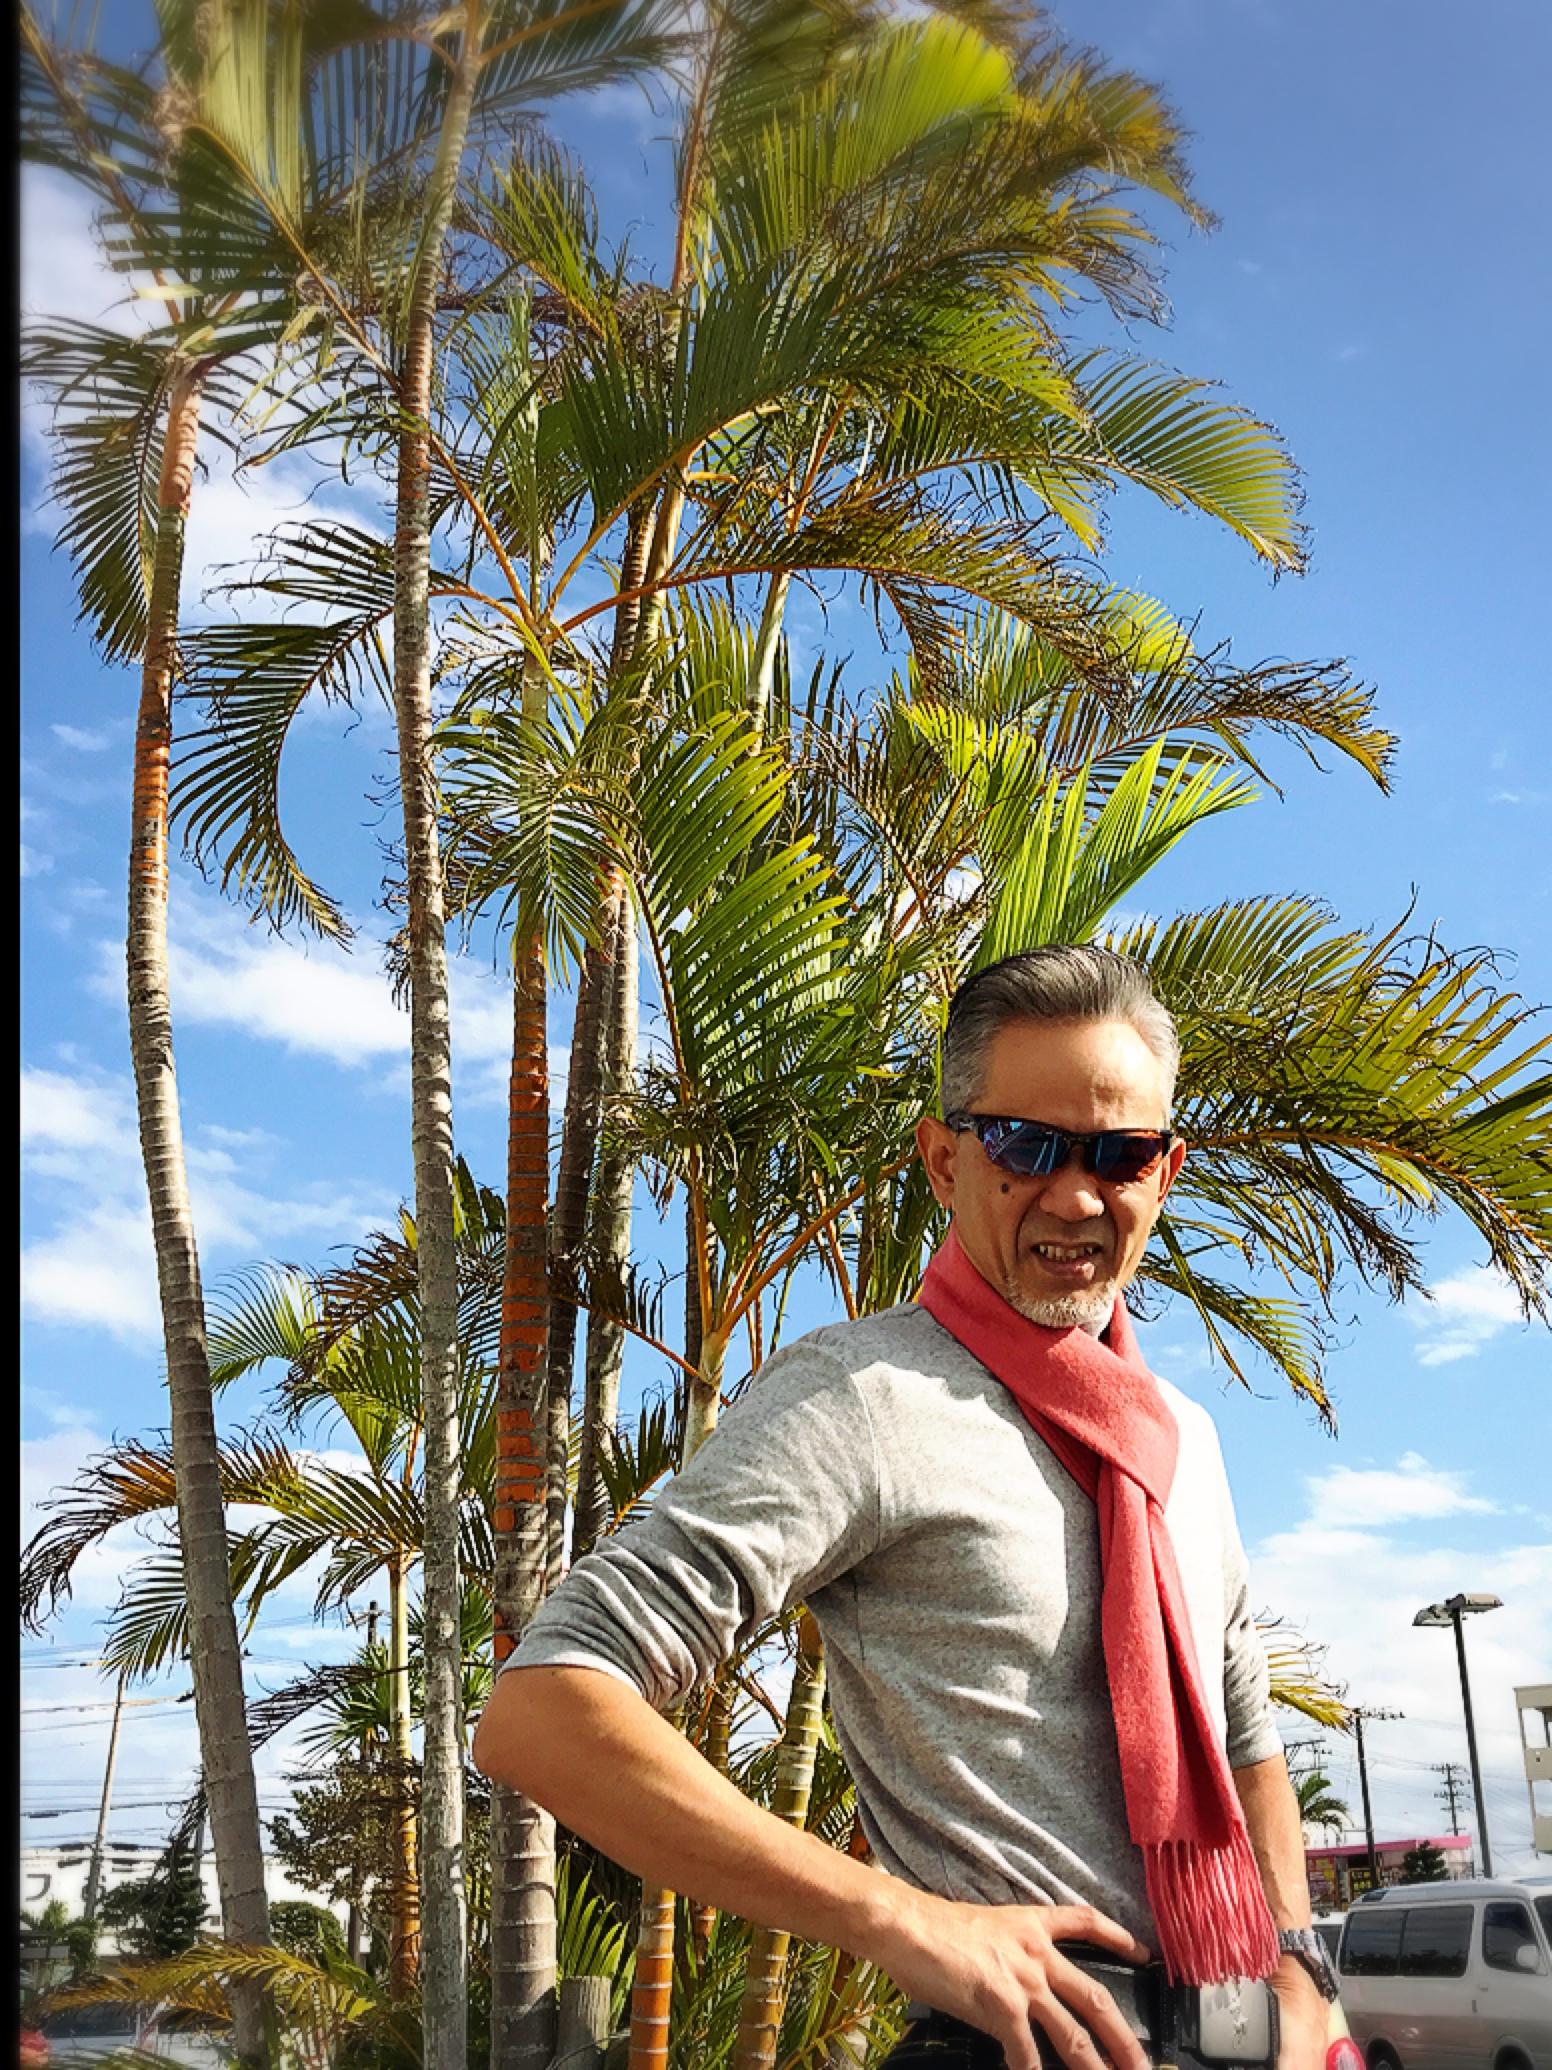 ここ沖縄の  短い冬 沖縄の冬は曇り空が多くて 風がとにかく強い 久しぶりの晴天‼️ やっぱり太陽☀️がでると 南国?です。